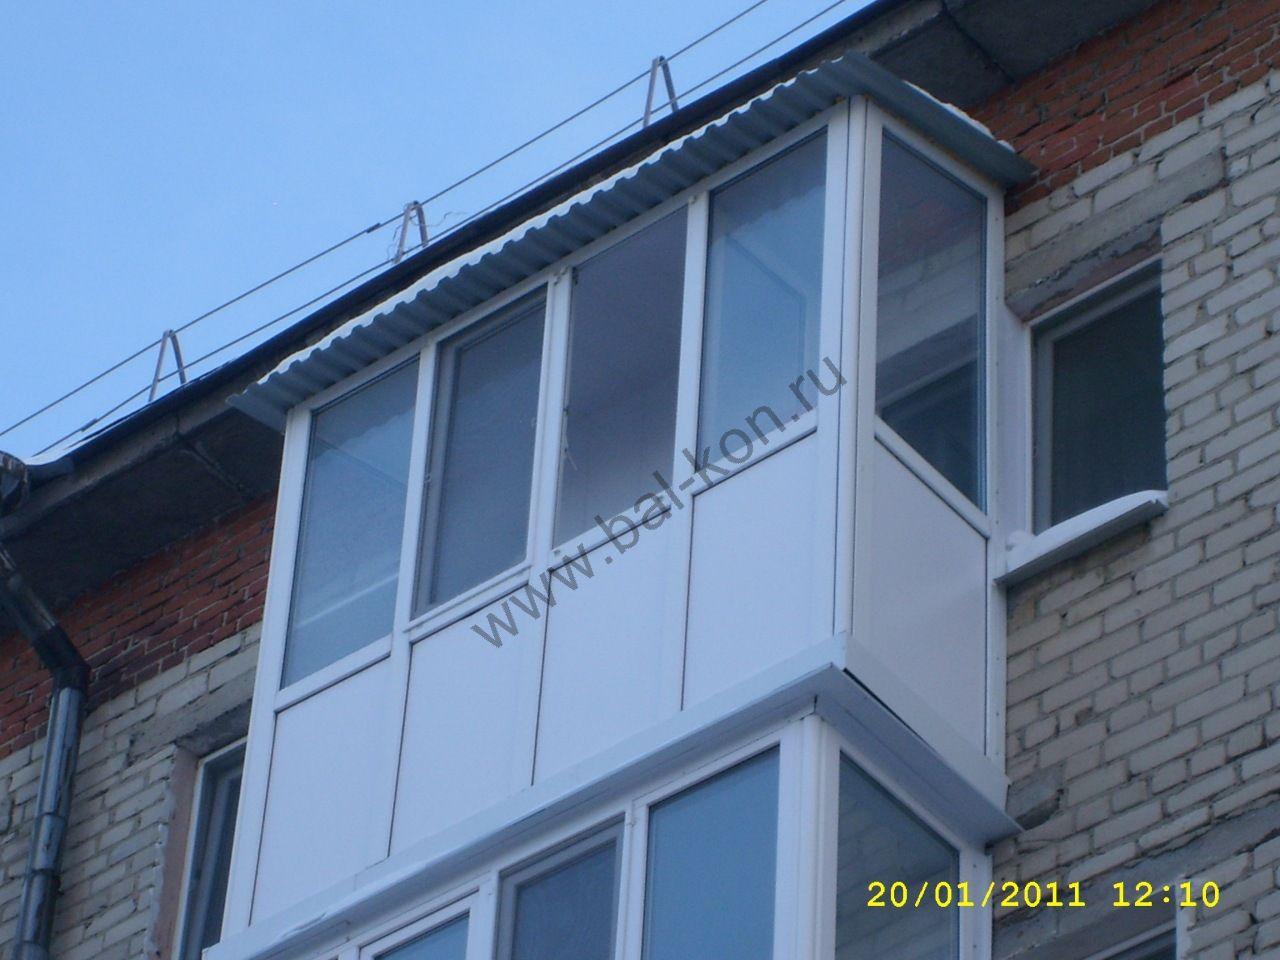 Французское остекление балконов в тюмени - на портале blizko.